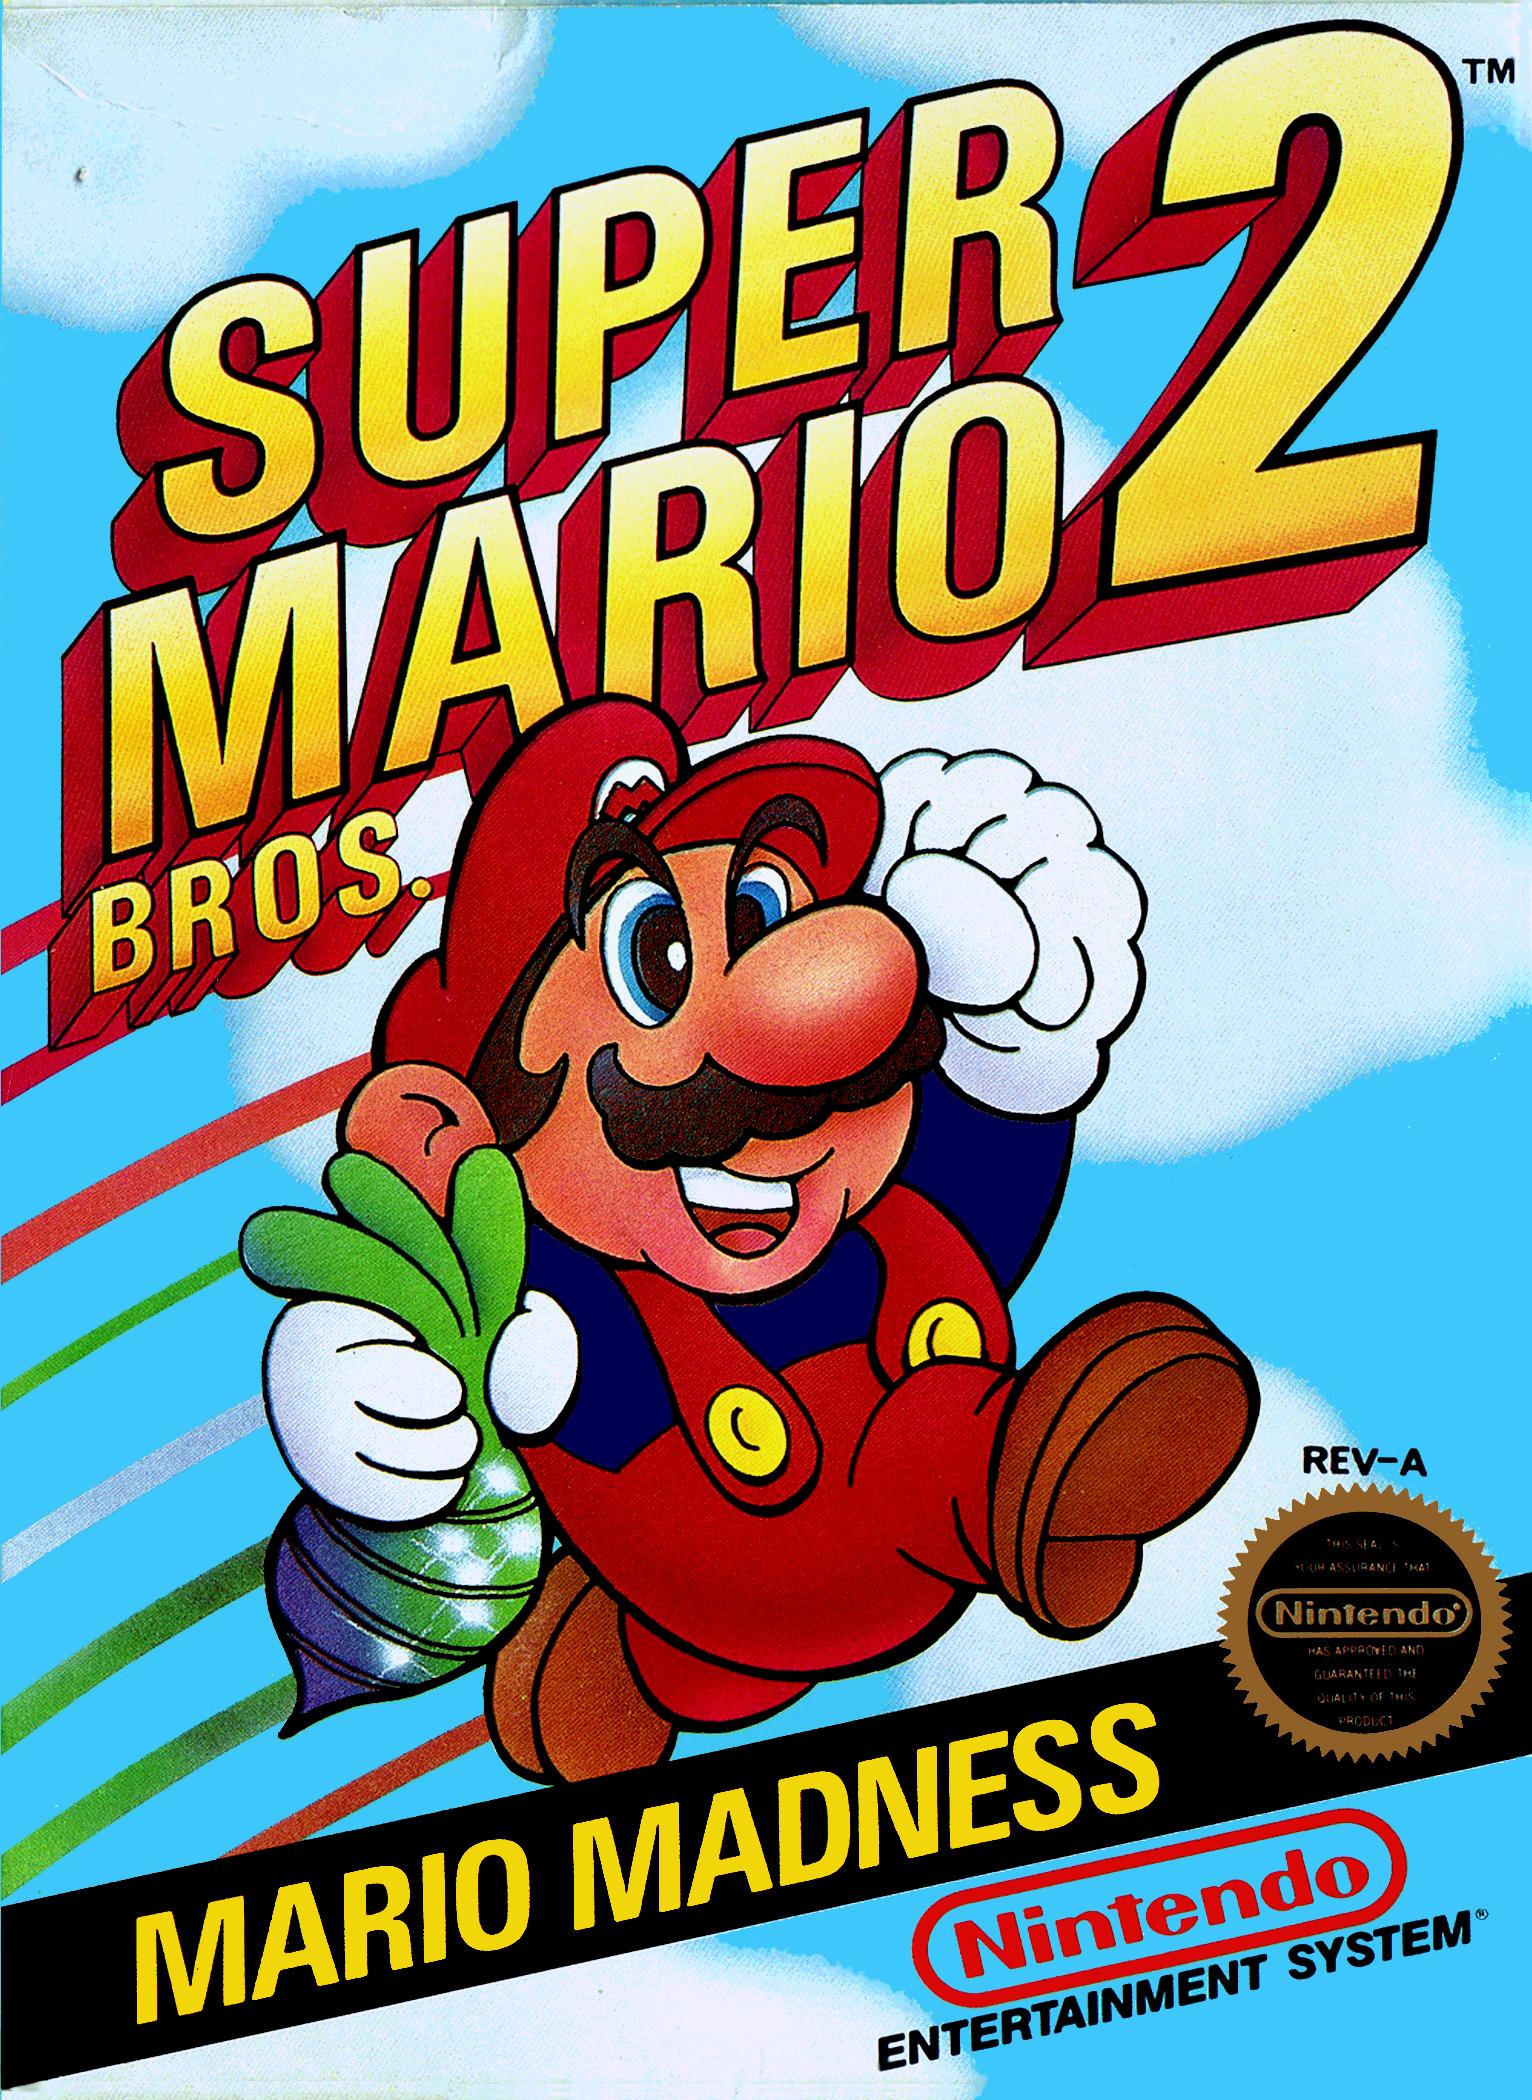 Super mario brother 2 game 21magic casino bonus code